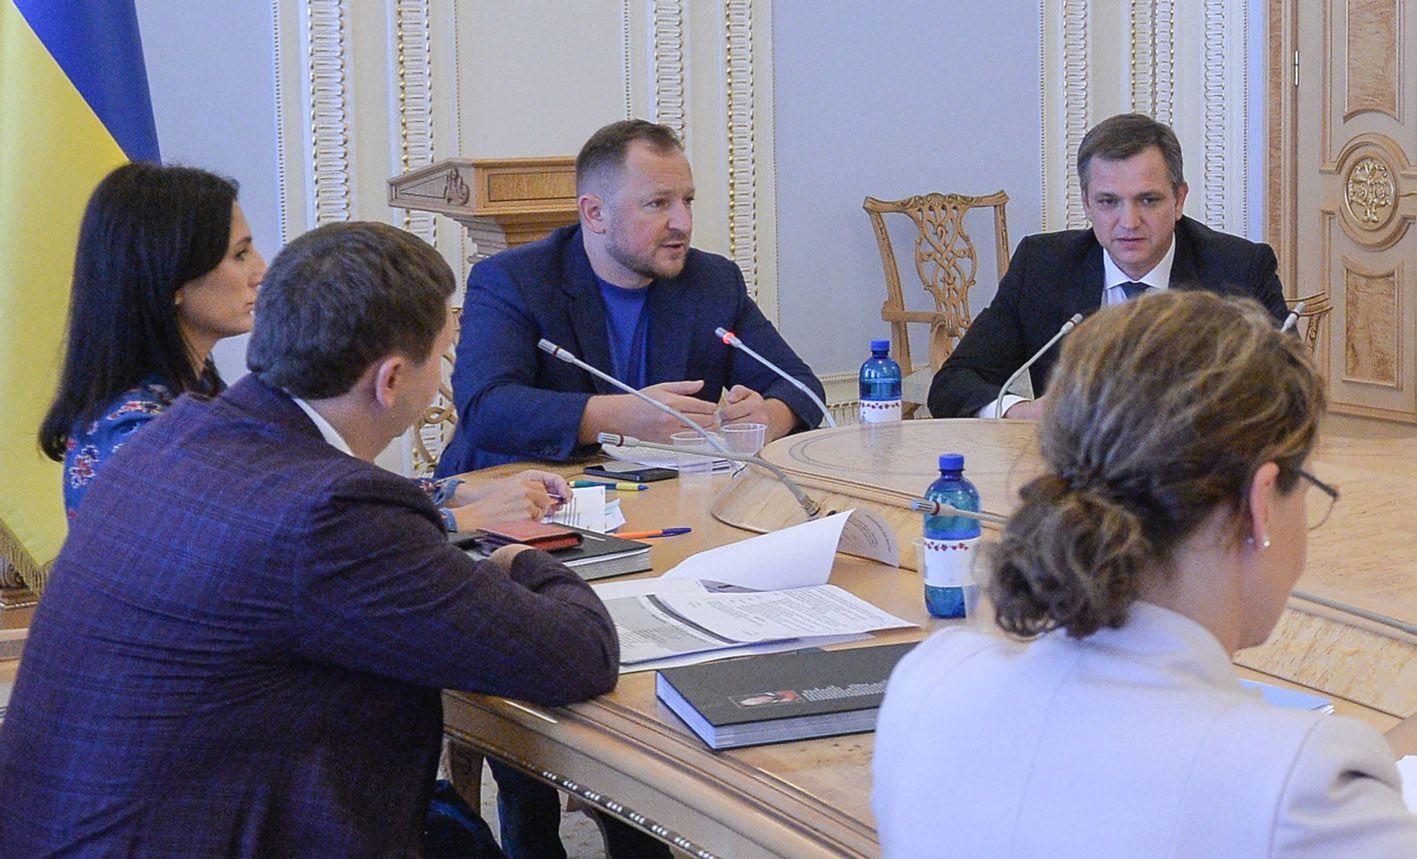 Заместитель председателя Комитета по вопросам гуманитарной и информационной политики Павел Сушко